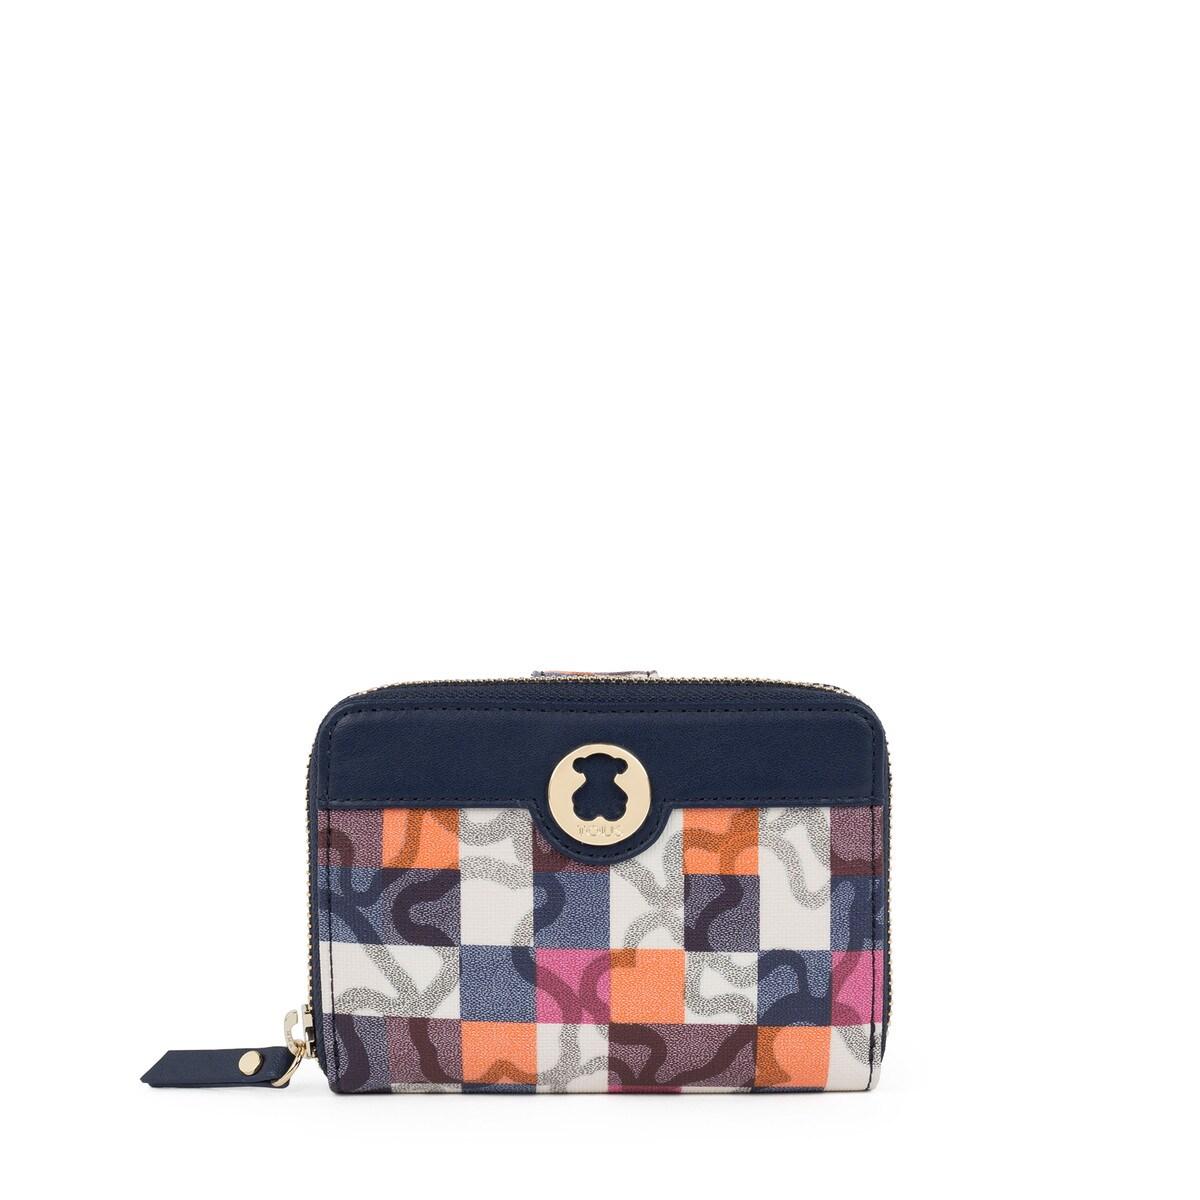 3e3185b9b Billetero pequeño Kaos Vichy de Lona en color marino - Sitio web ...